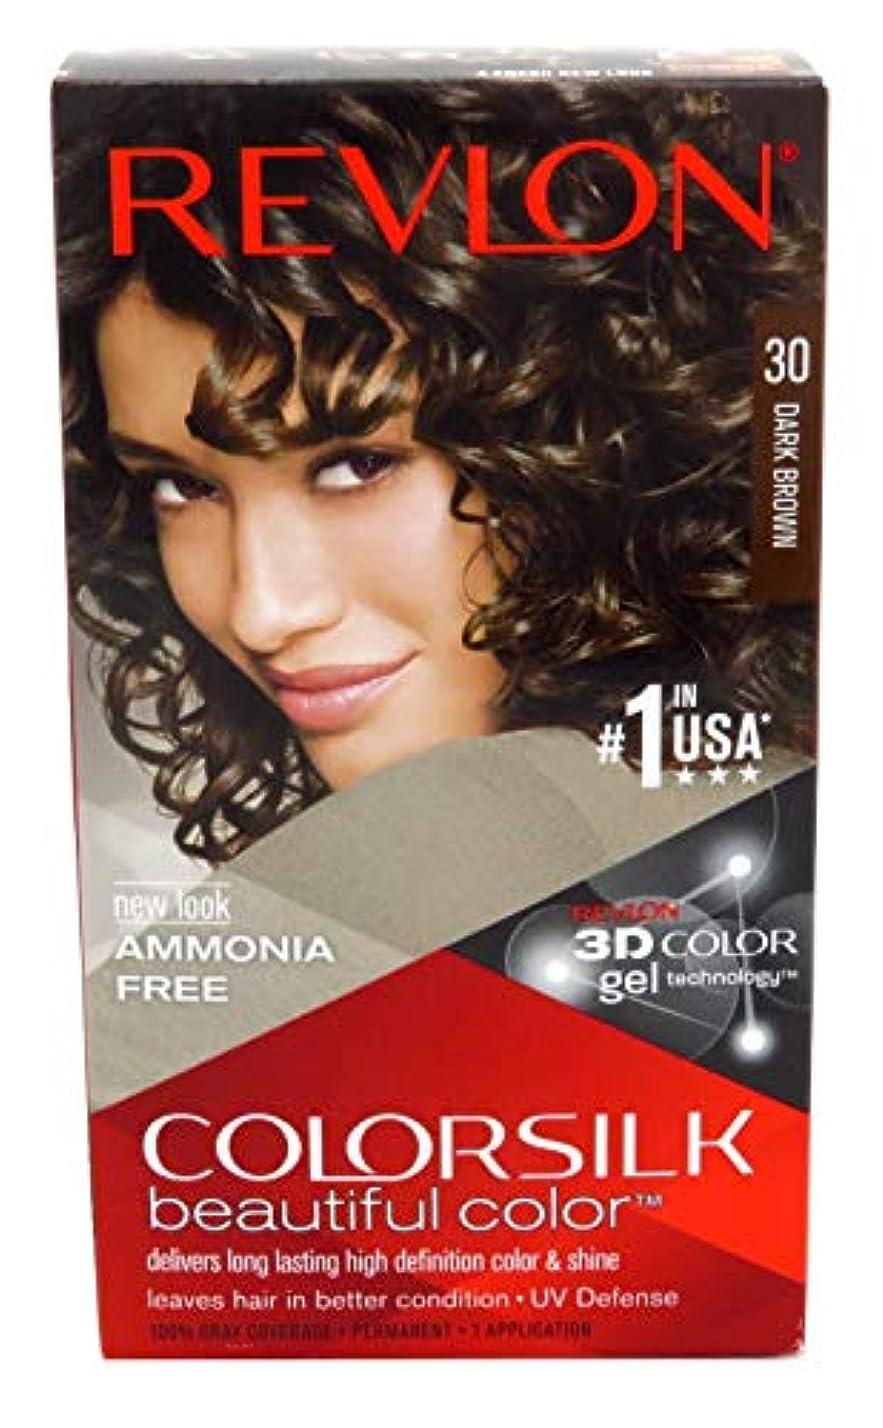 故障中封筒床を掃除するRevlon Colorsilk Hair Color 30 Dark Brown, by Revlon